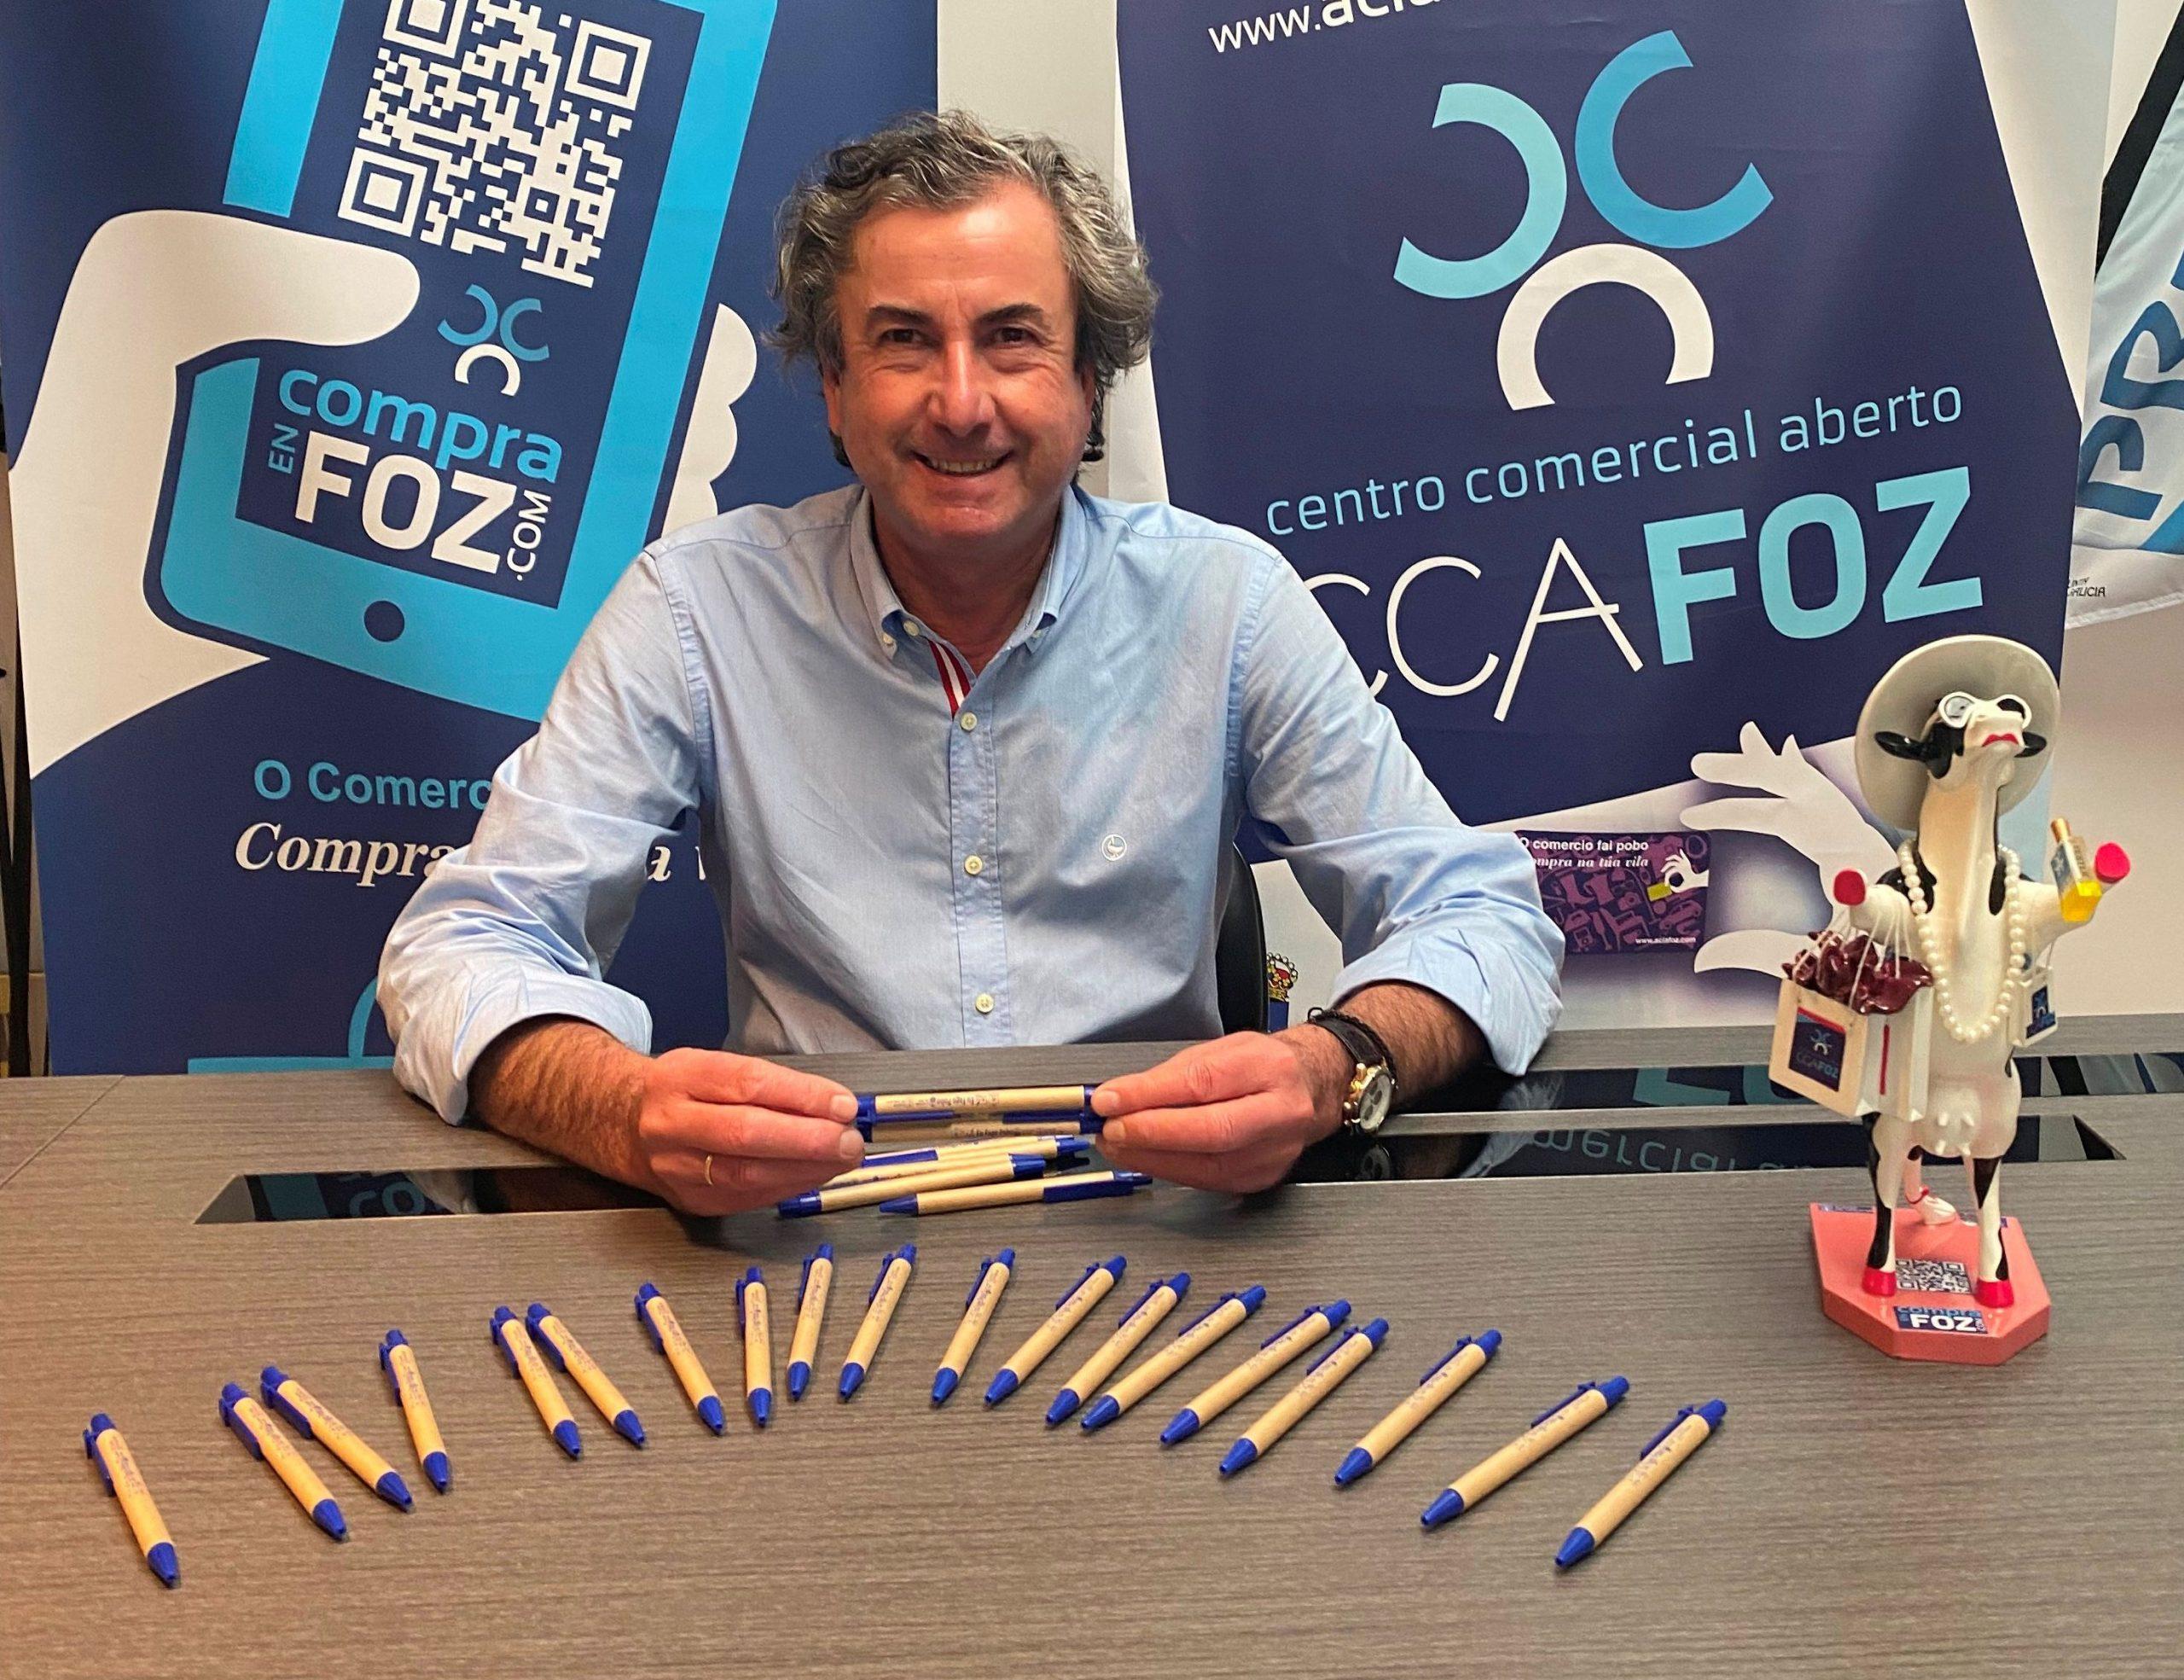 'Eu fago pobo', a nova campaña de concienciación de ACIA Foz CCA na que repartirá entre os centros de ensino e os locais 4.000 motivos en apoio do comercio local